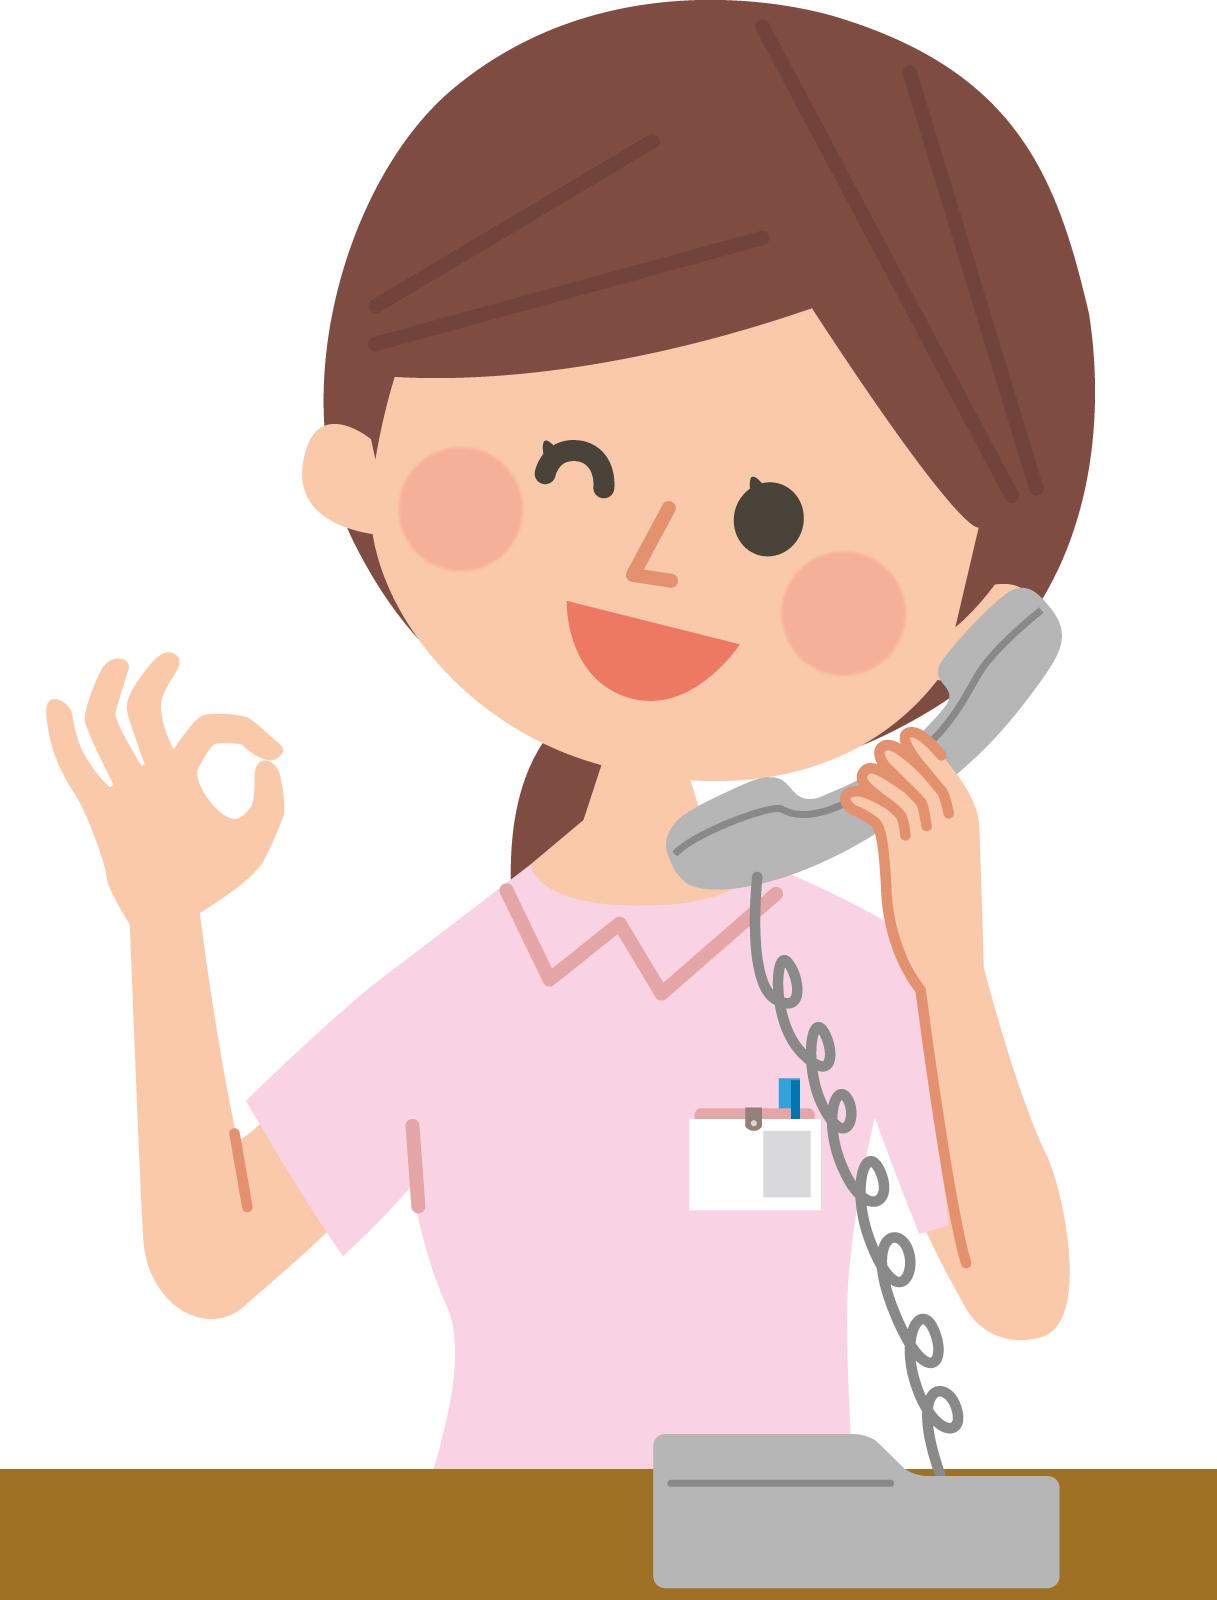 赤ちゃん連れで病院に行って良いか病院に電話で確認する